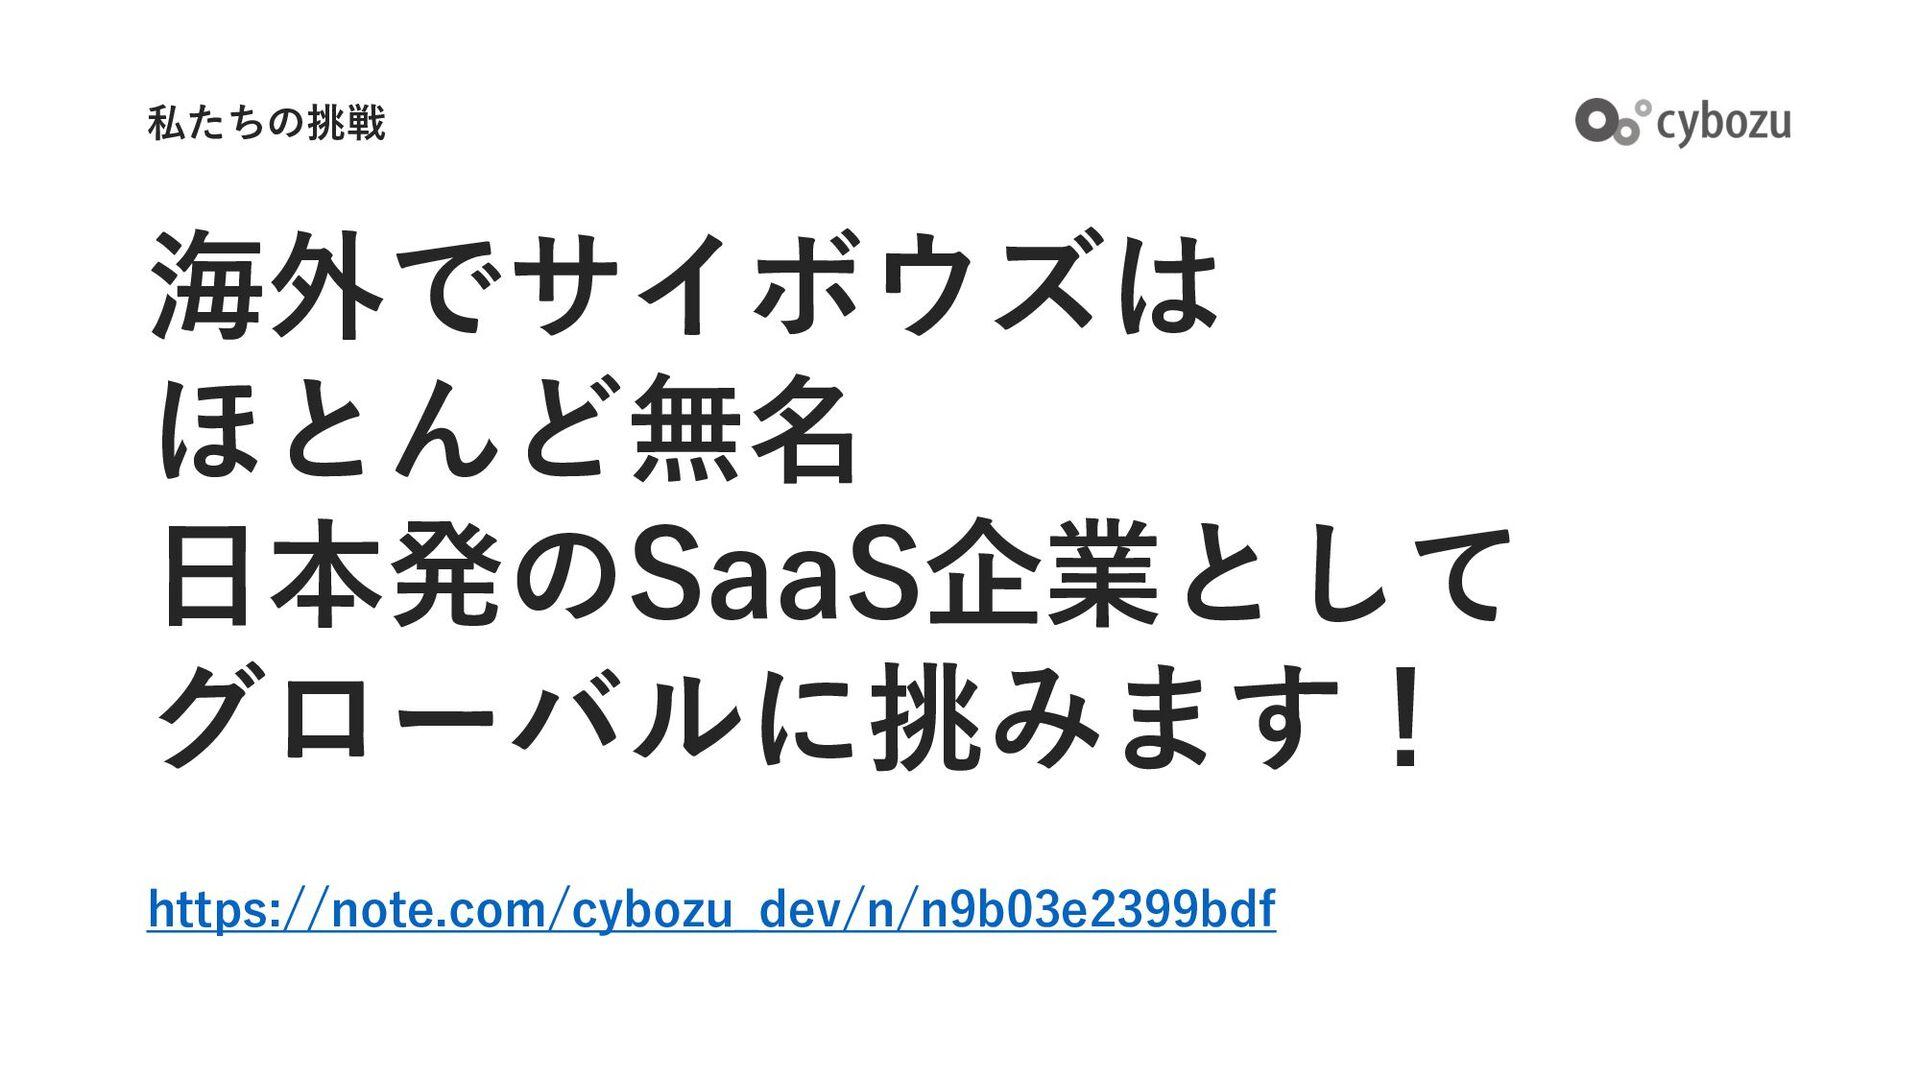 海外でサイボウズは ほとんど無名 ⽇本発のSaaS企業として グローバルに挑みます! http...